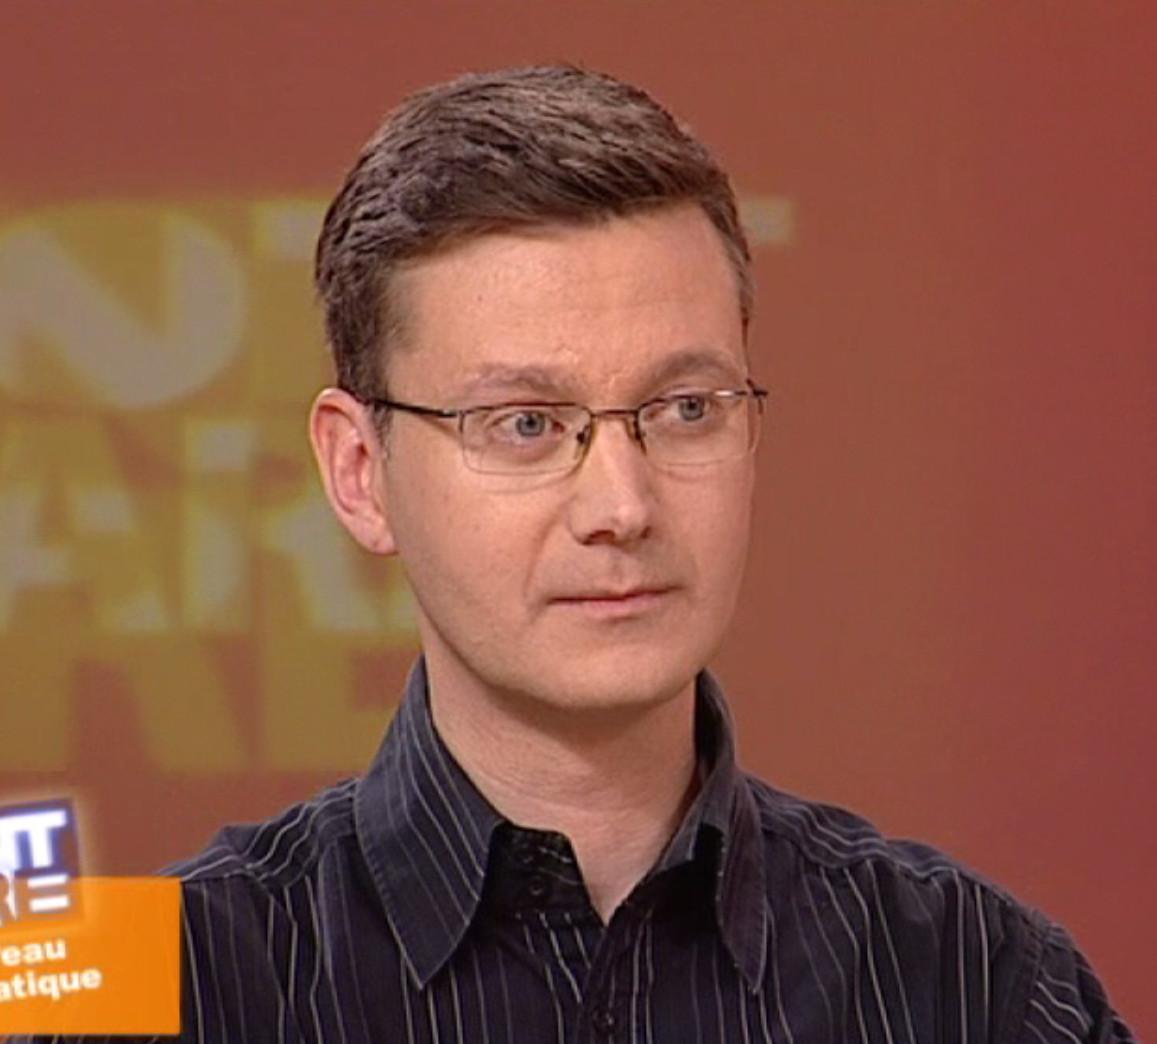 Christophe Van Gheluwe